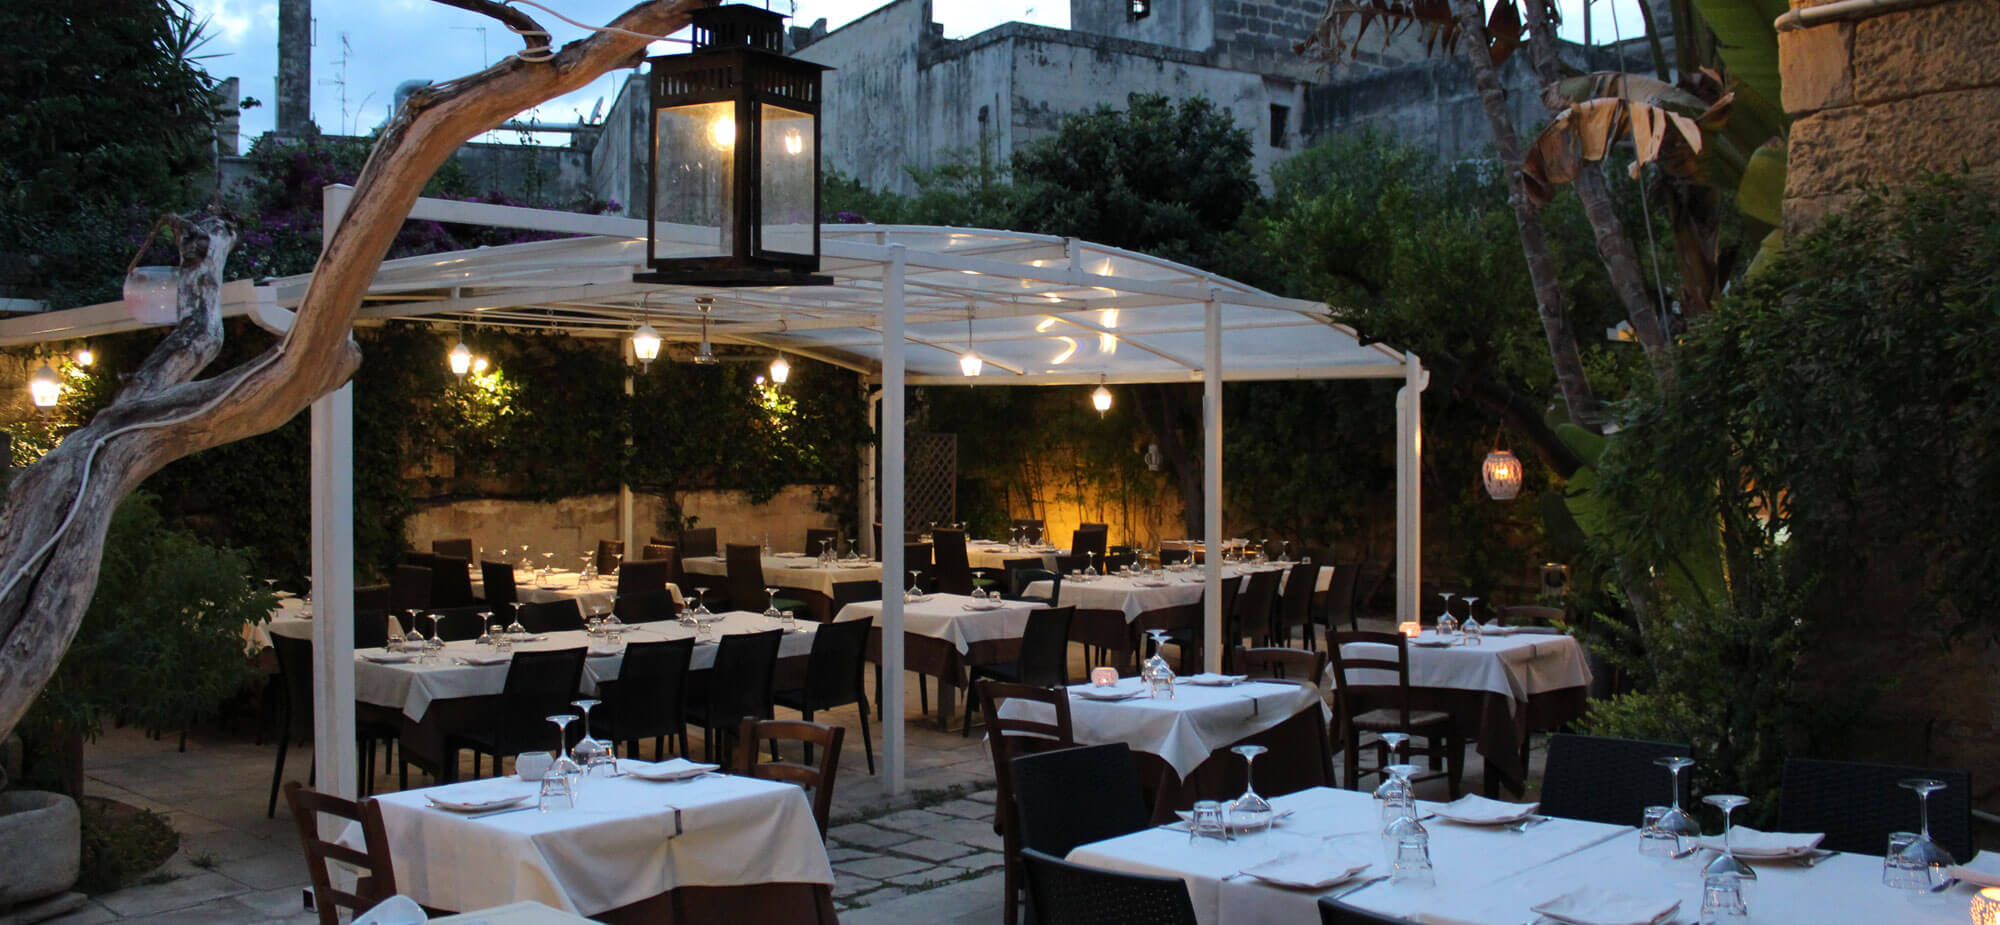 Ristorante all'aperto a Lecce - La Scarpetta